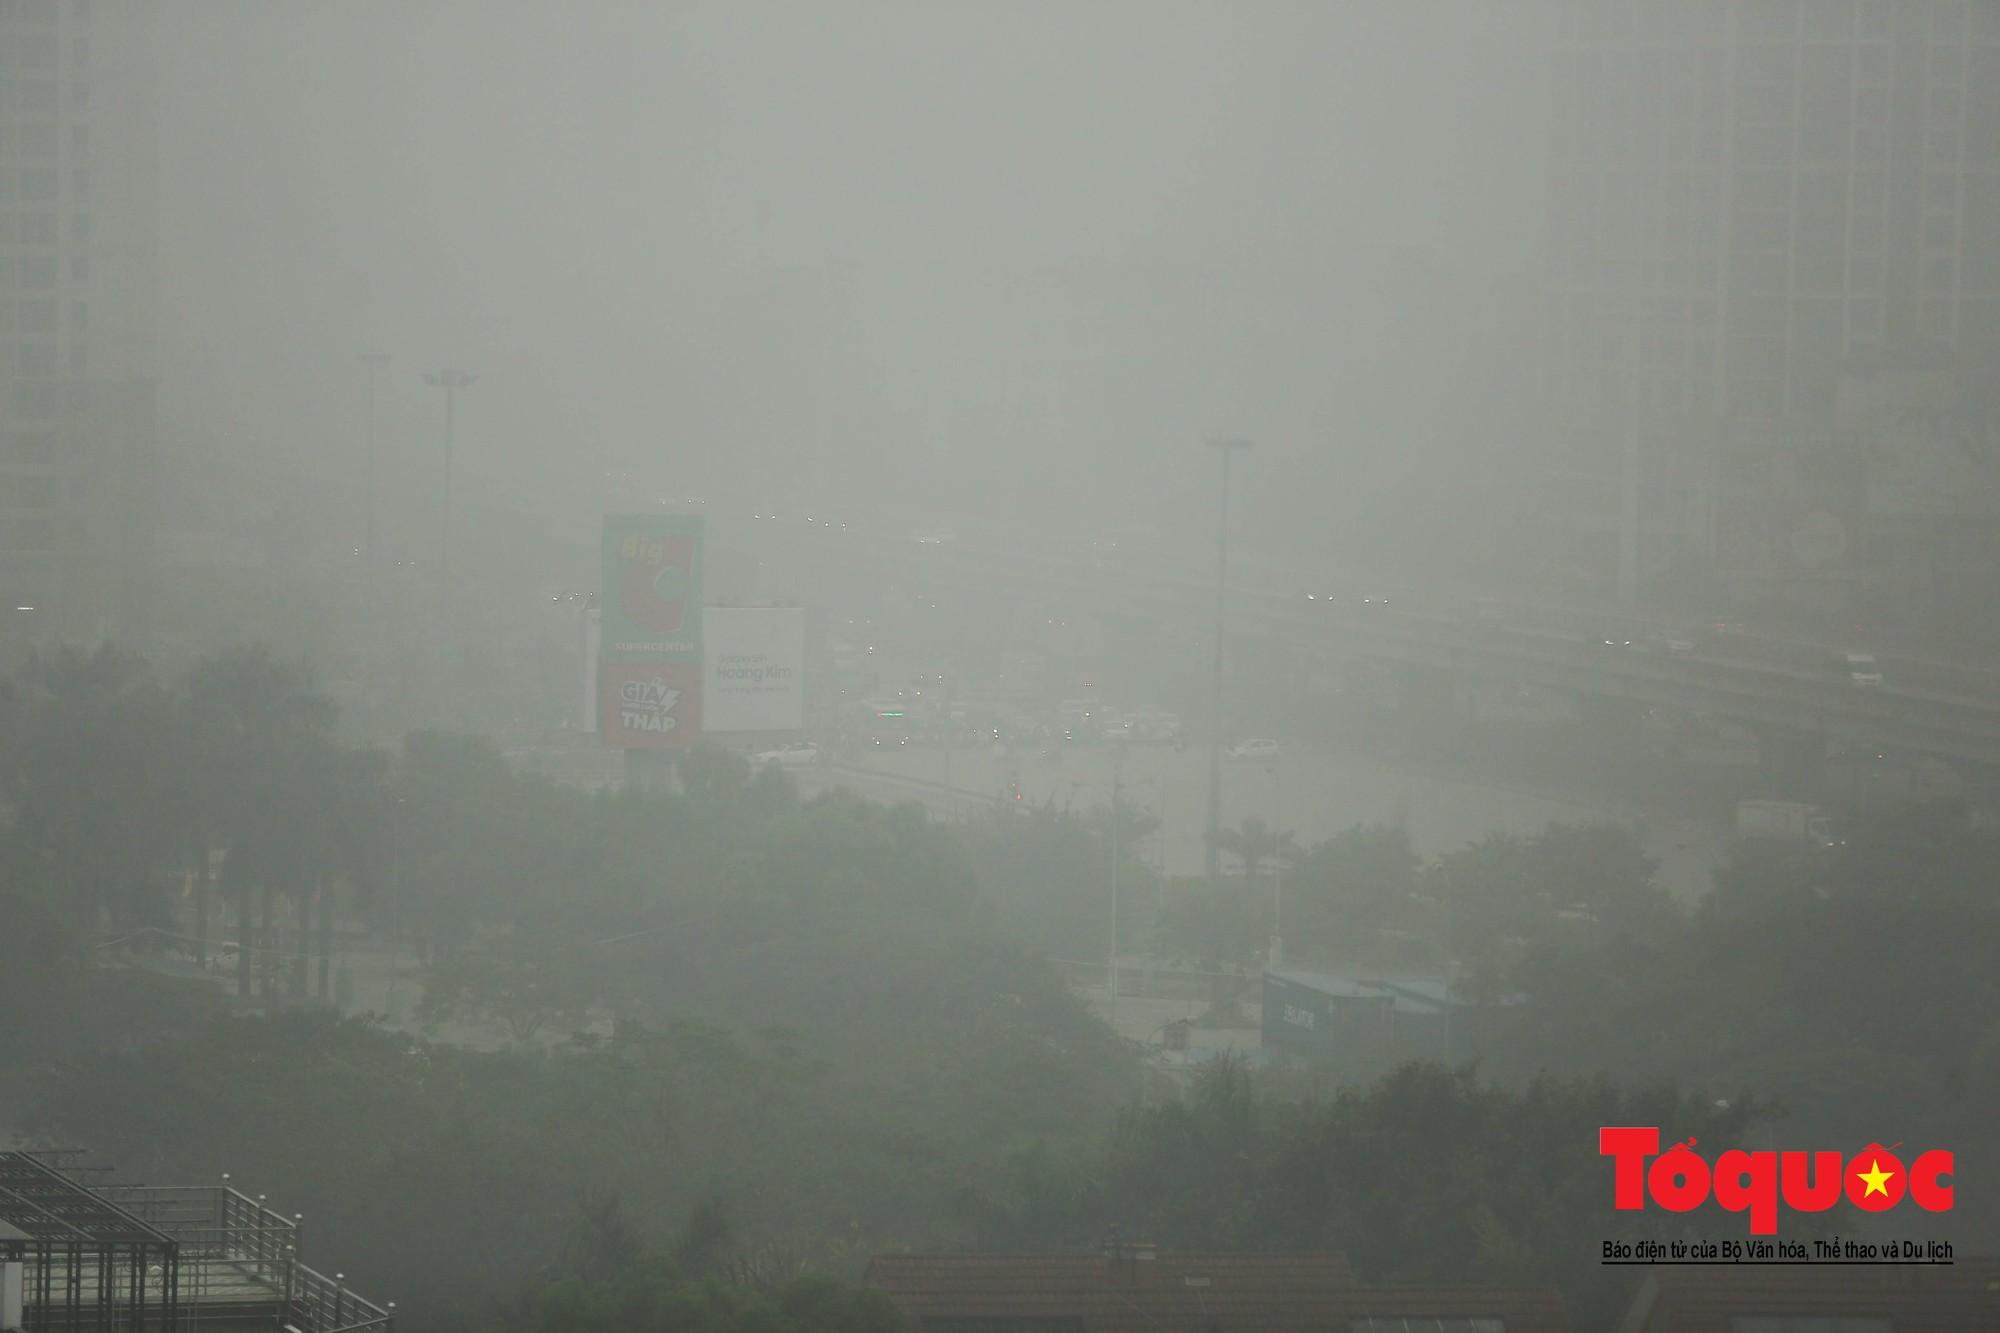 Cao ốc Hà Nội chơi ú tìm trong lớp sương mù dày đặc4